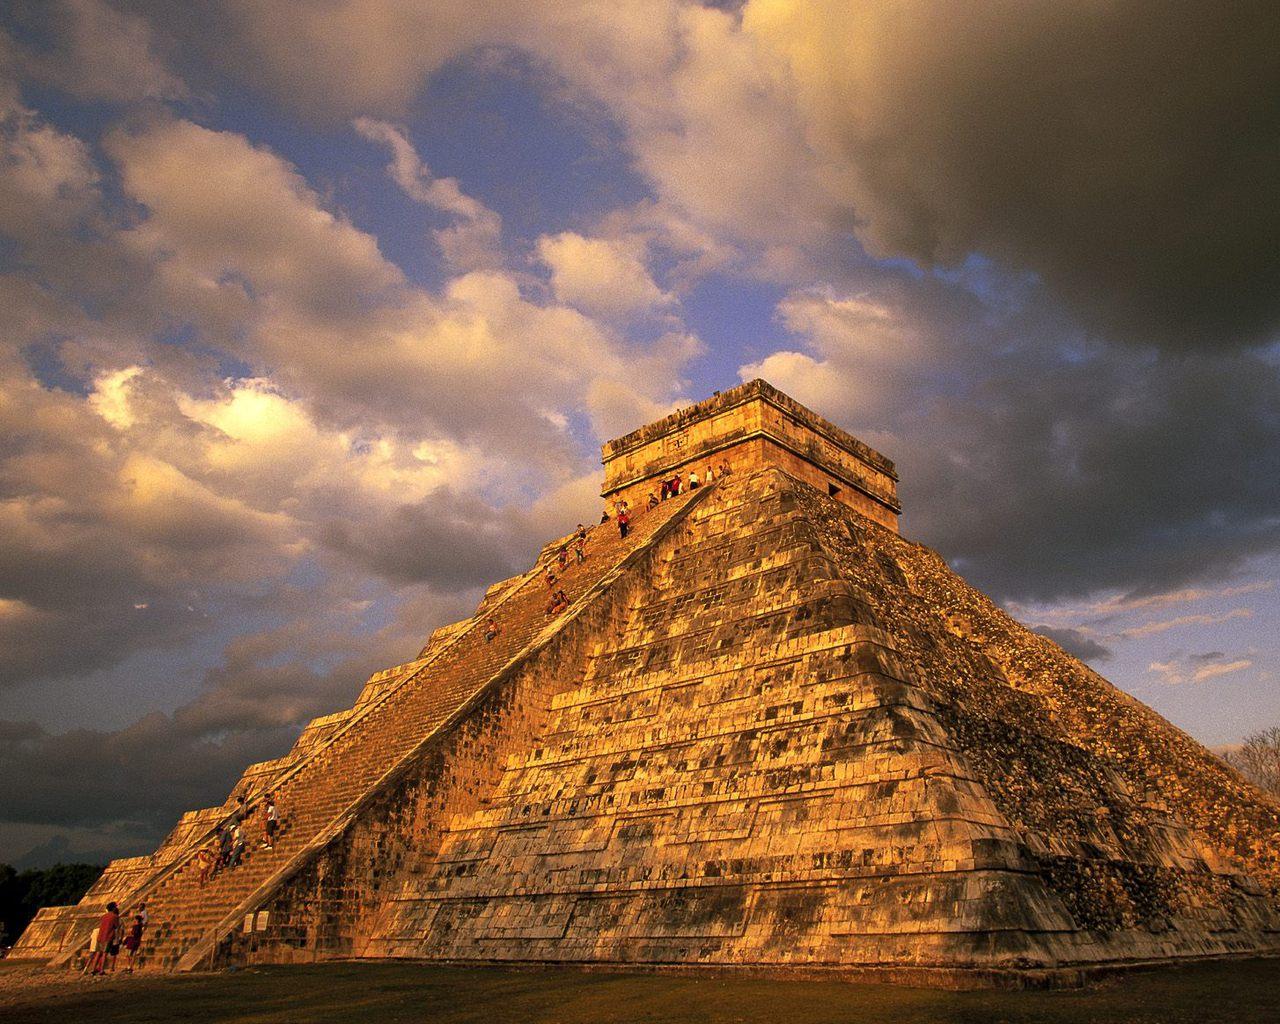 http://2.bp.blogspot.com/-dnCW5sWIqM4/TsUJG1bchRI/AAAAAAAAFCY/yYlLdes8iq8/s1600/Ancient-Mayan-Ruins-Chichen-Itza-Mexico.jpg